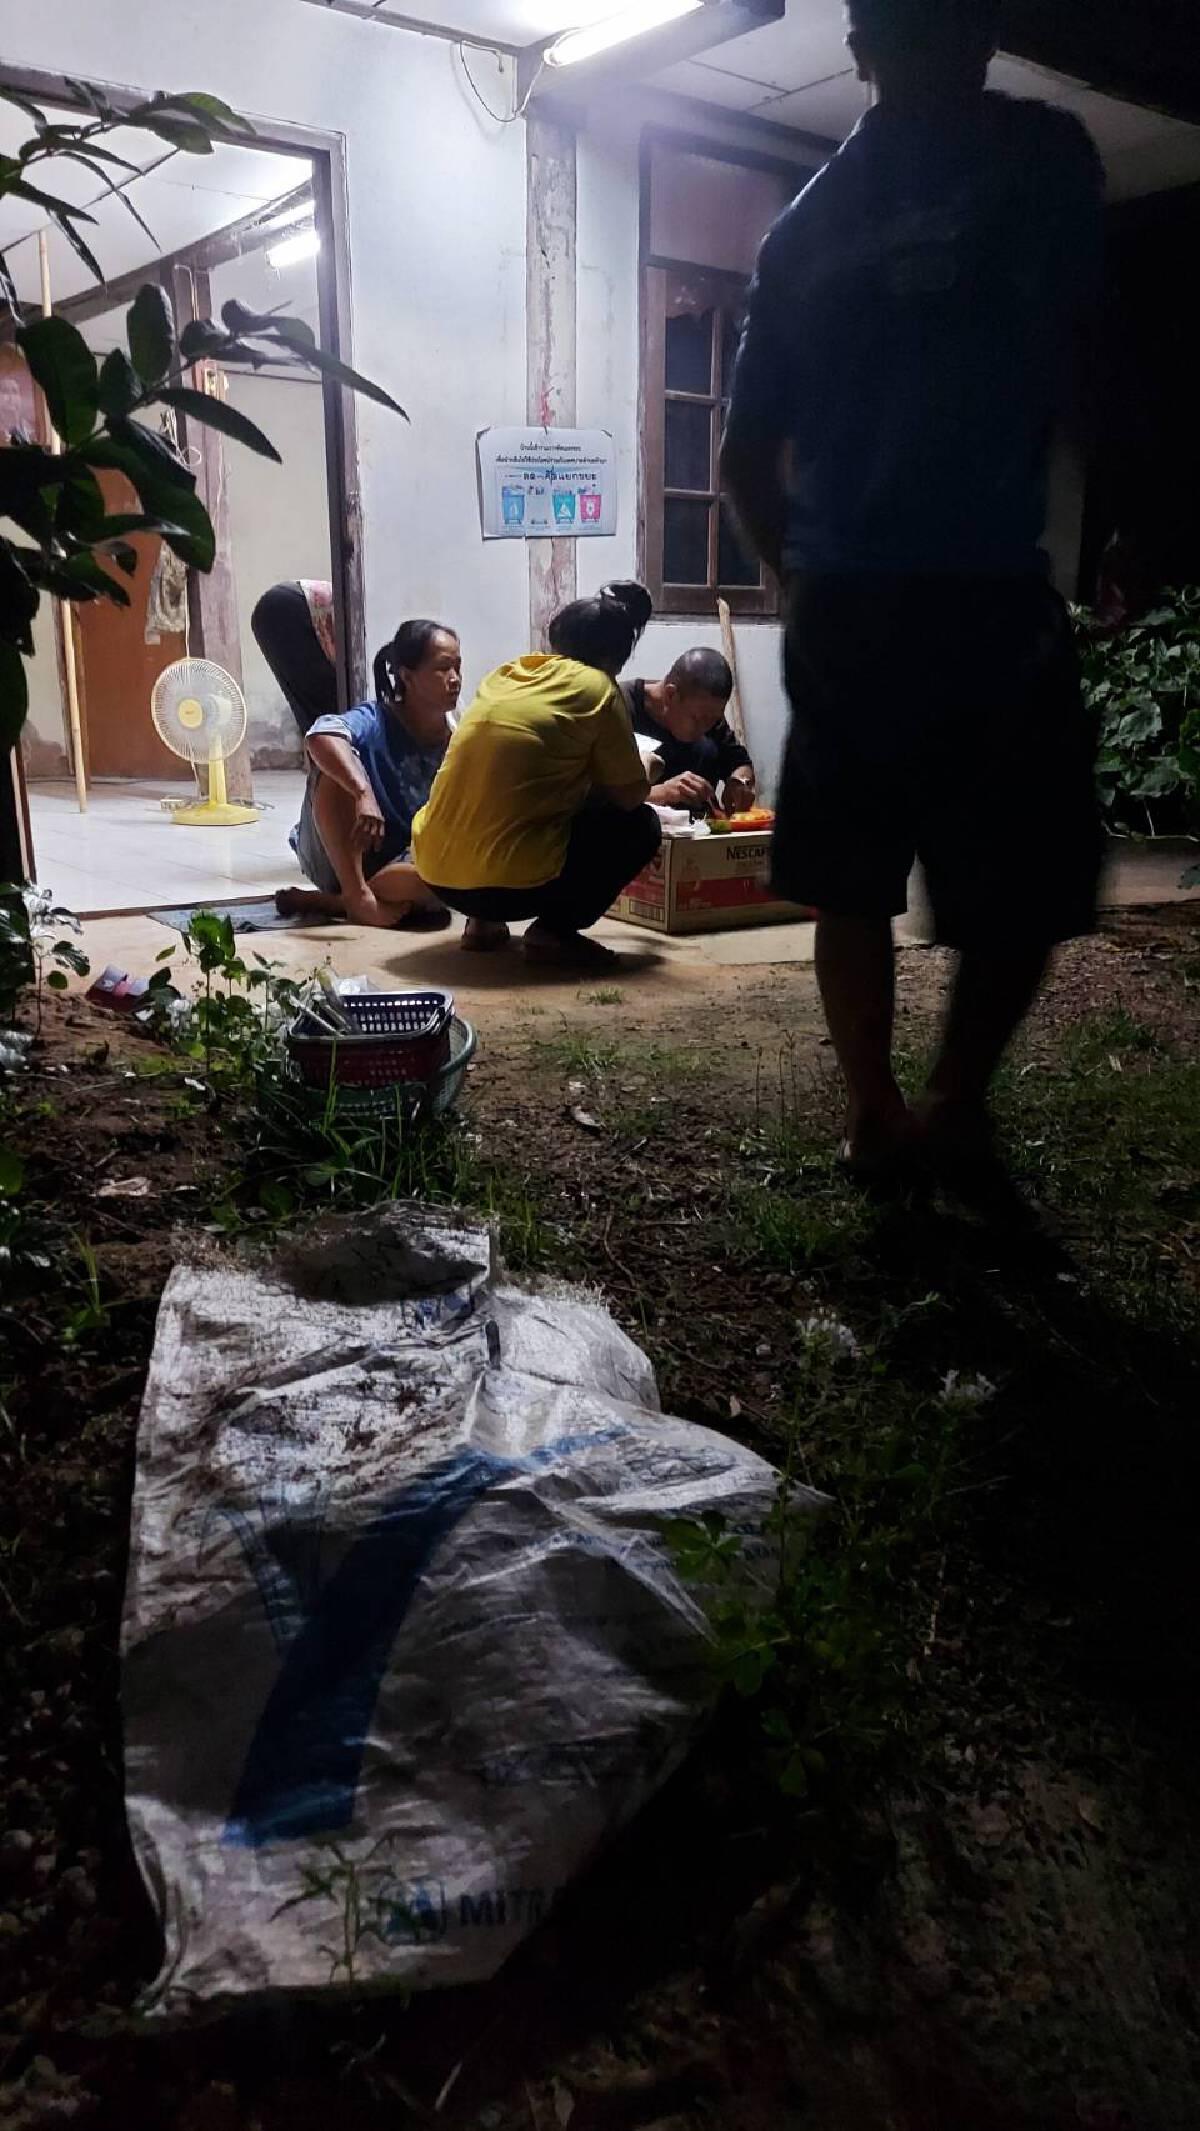 ชายวัย56หลงป่า6วันรอดปาฏิหาริย์ พร้อมเล่าเรื่องชวนขนลุก